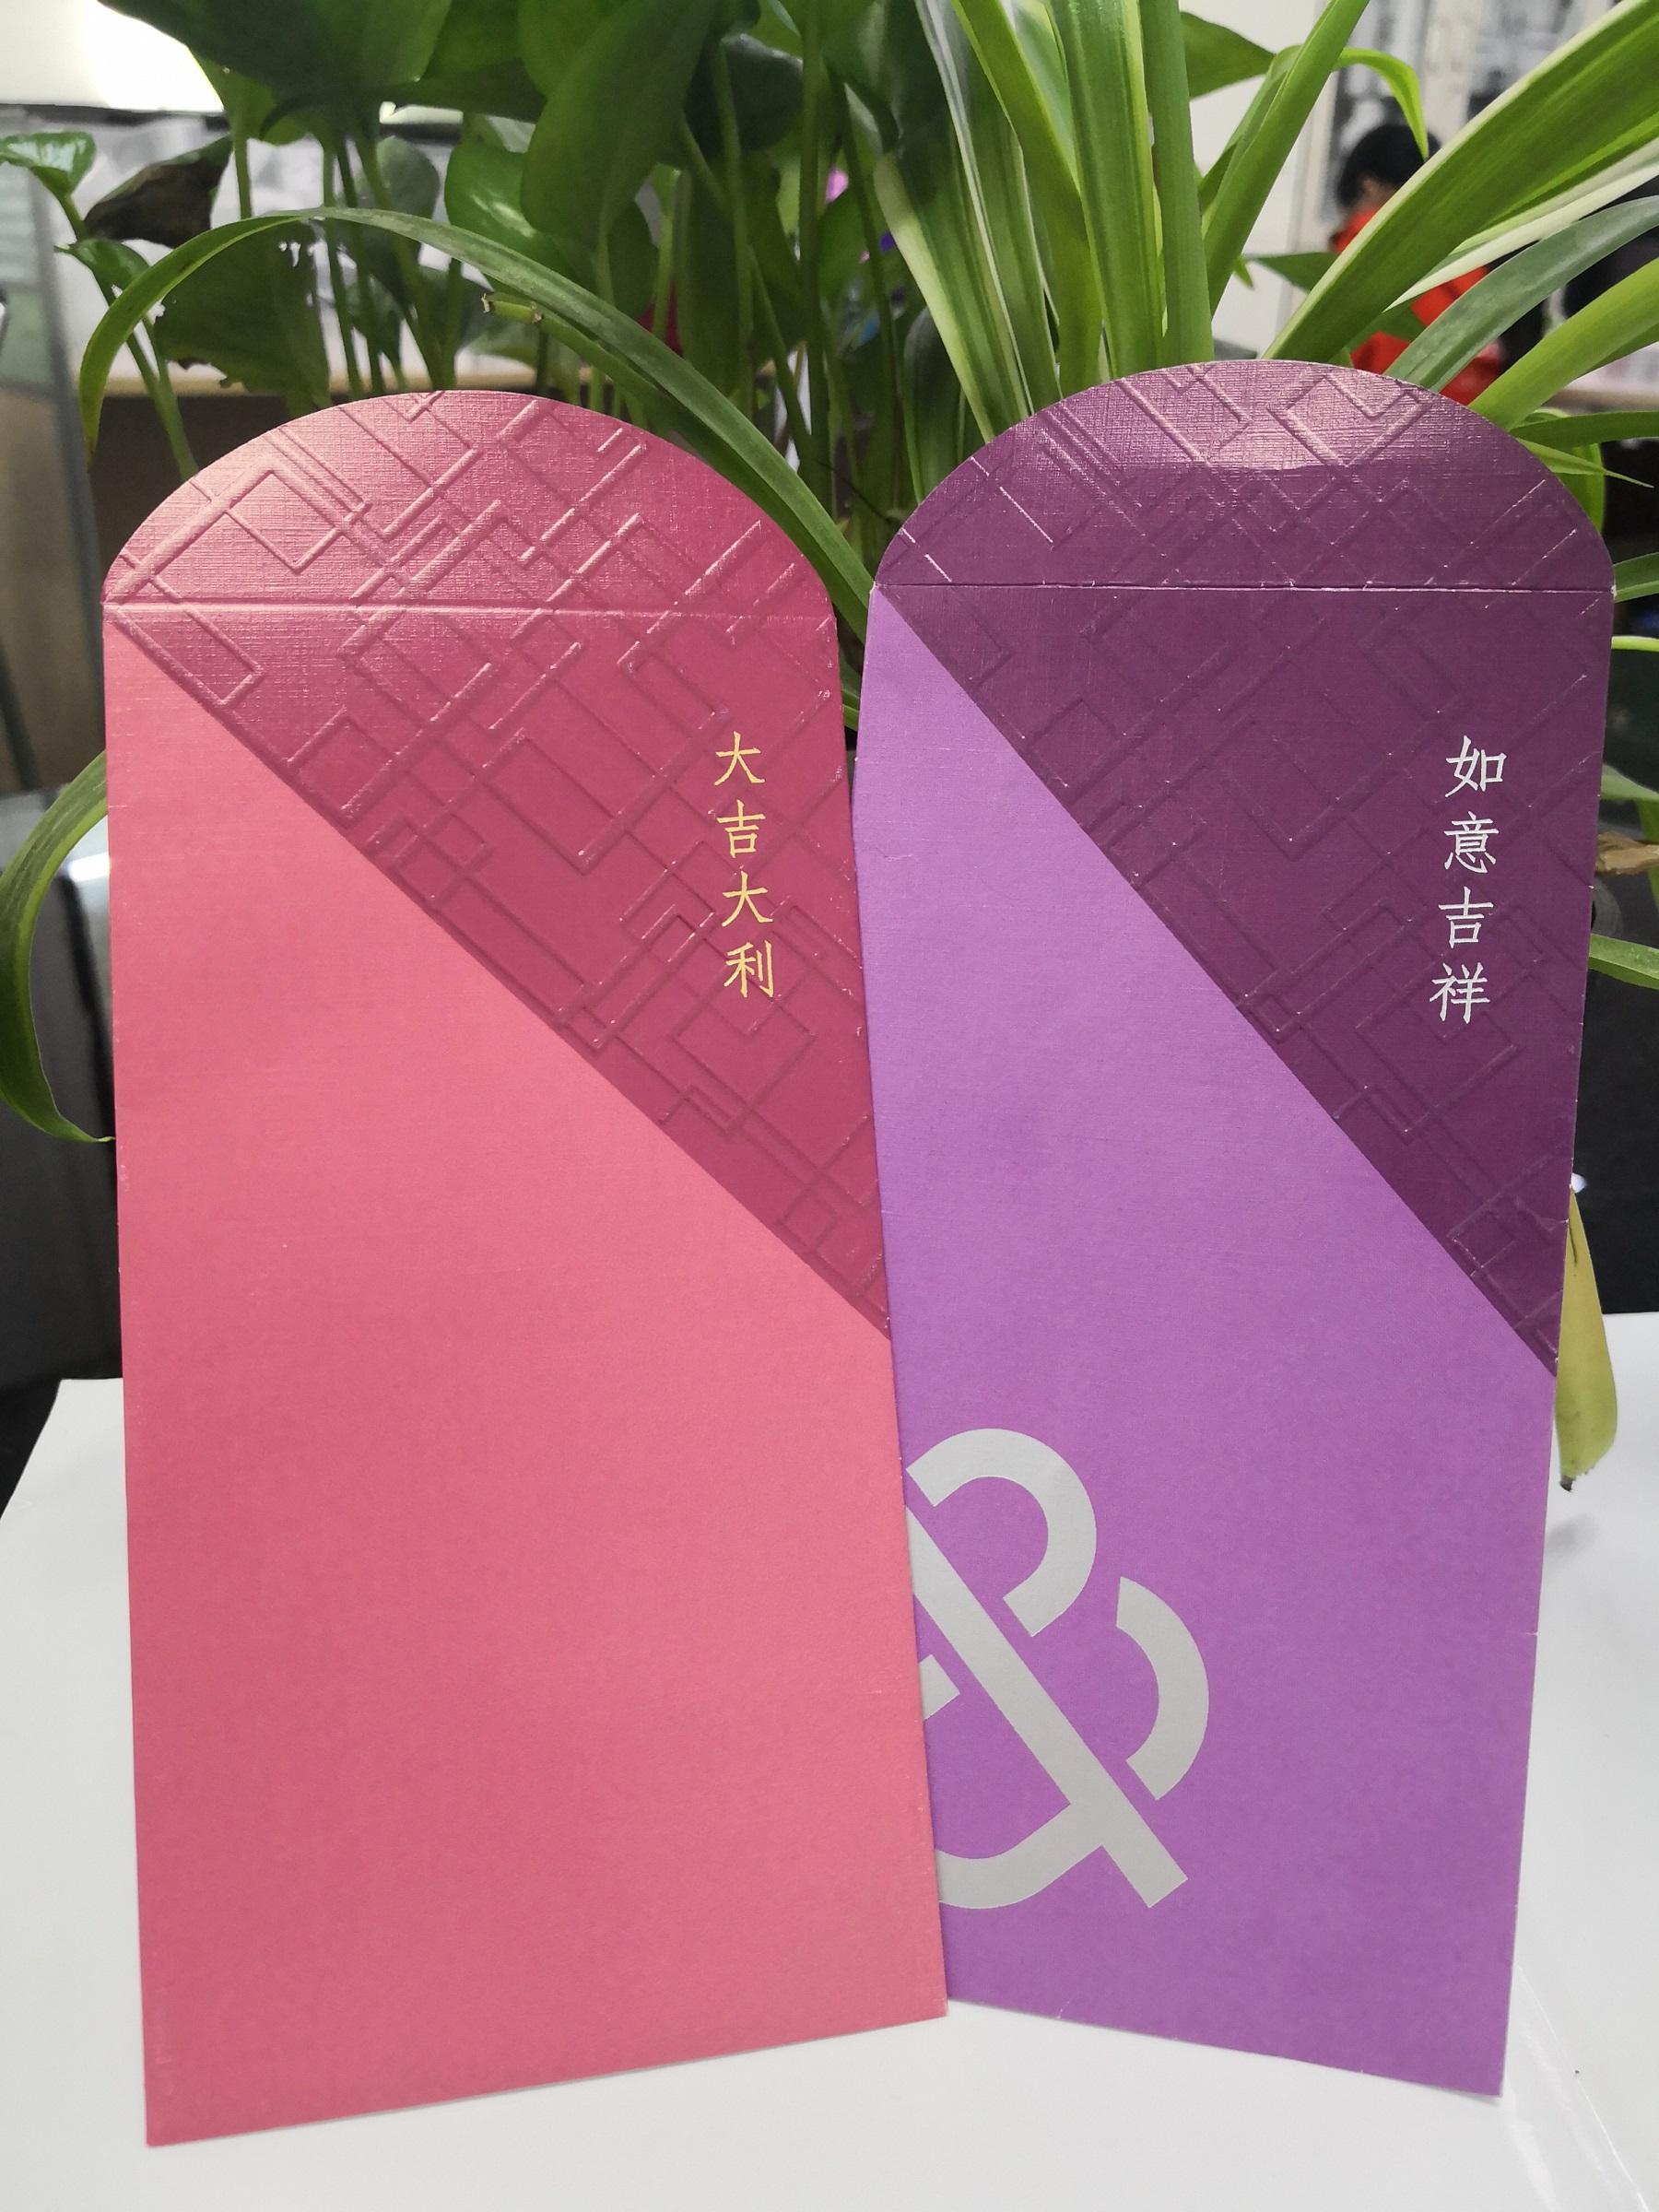 定制公司LOGO红包银行礼品红包印刷新款图案批量印刷厂商昆明